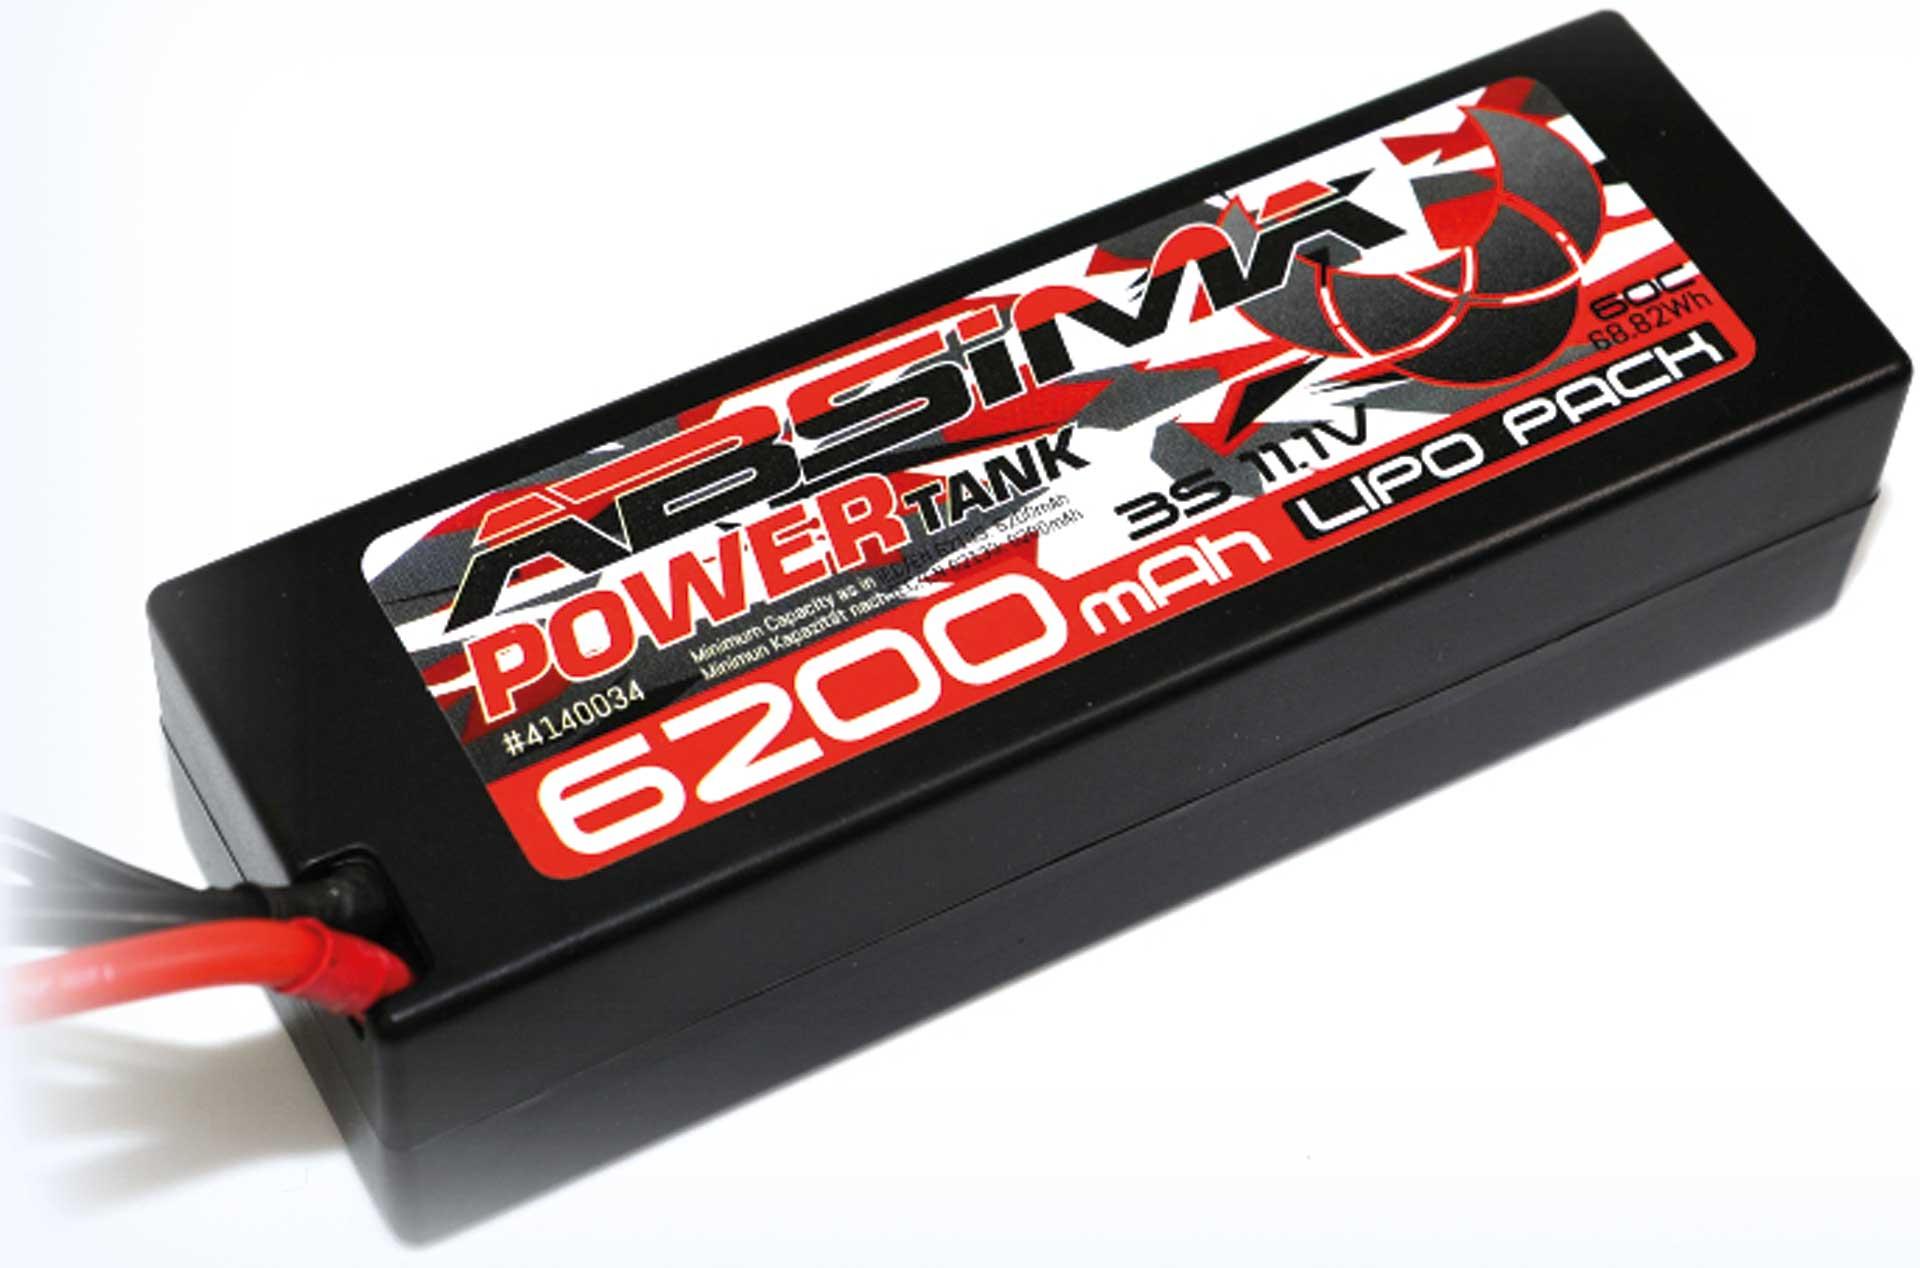 Absima Power Tank LiPo Stick Pack 11,1V 60C6200mah Hardcase (XT90-Plug)